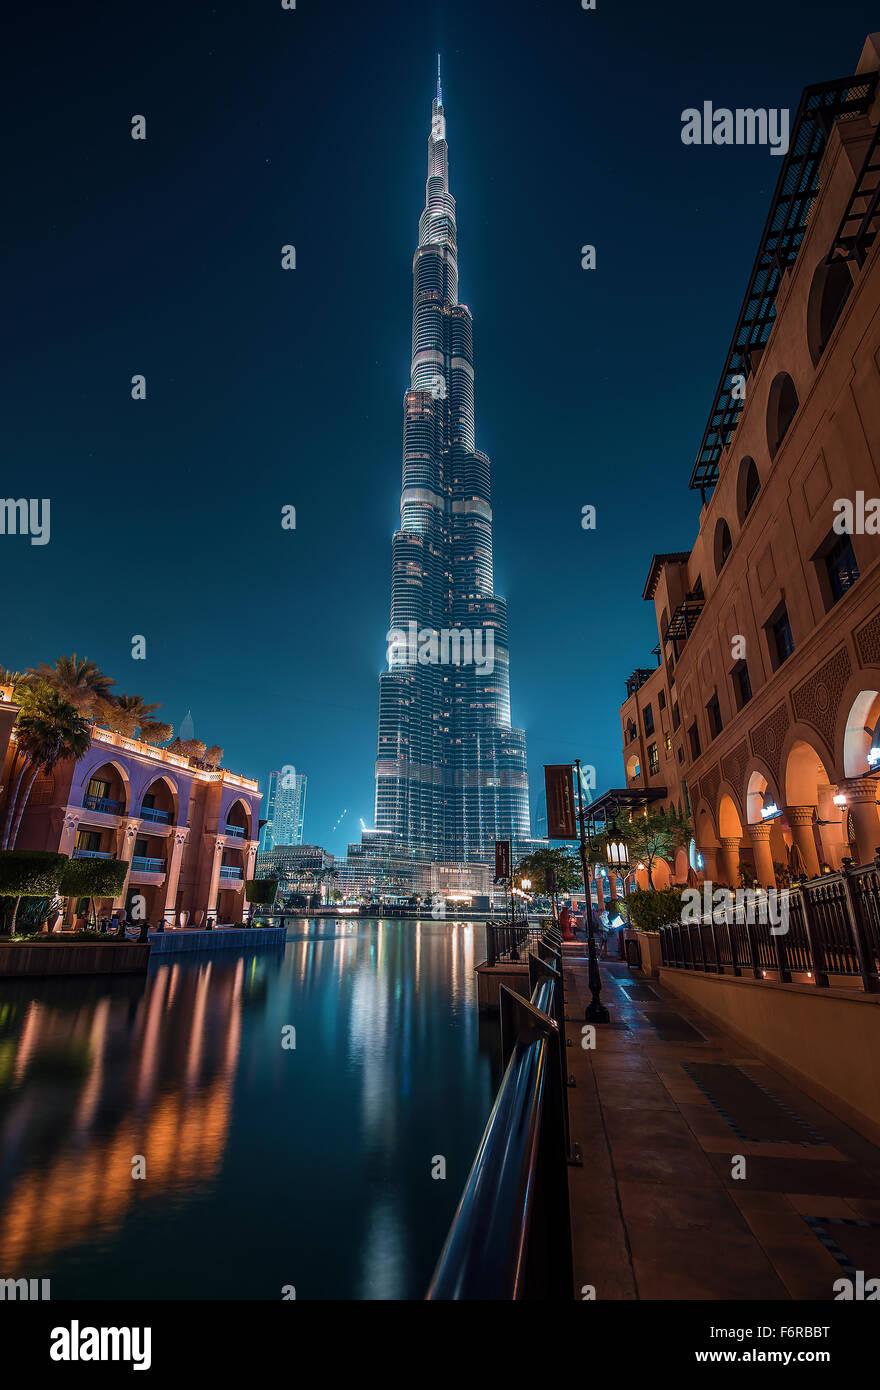 Burj Khalifa from Souk Al Bahar - Stock Image